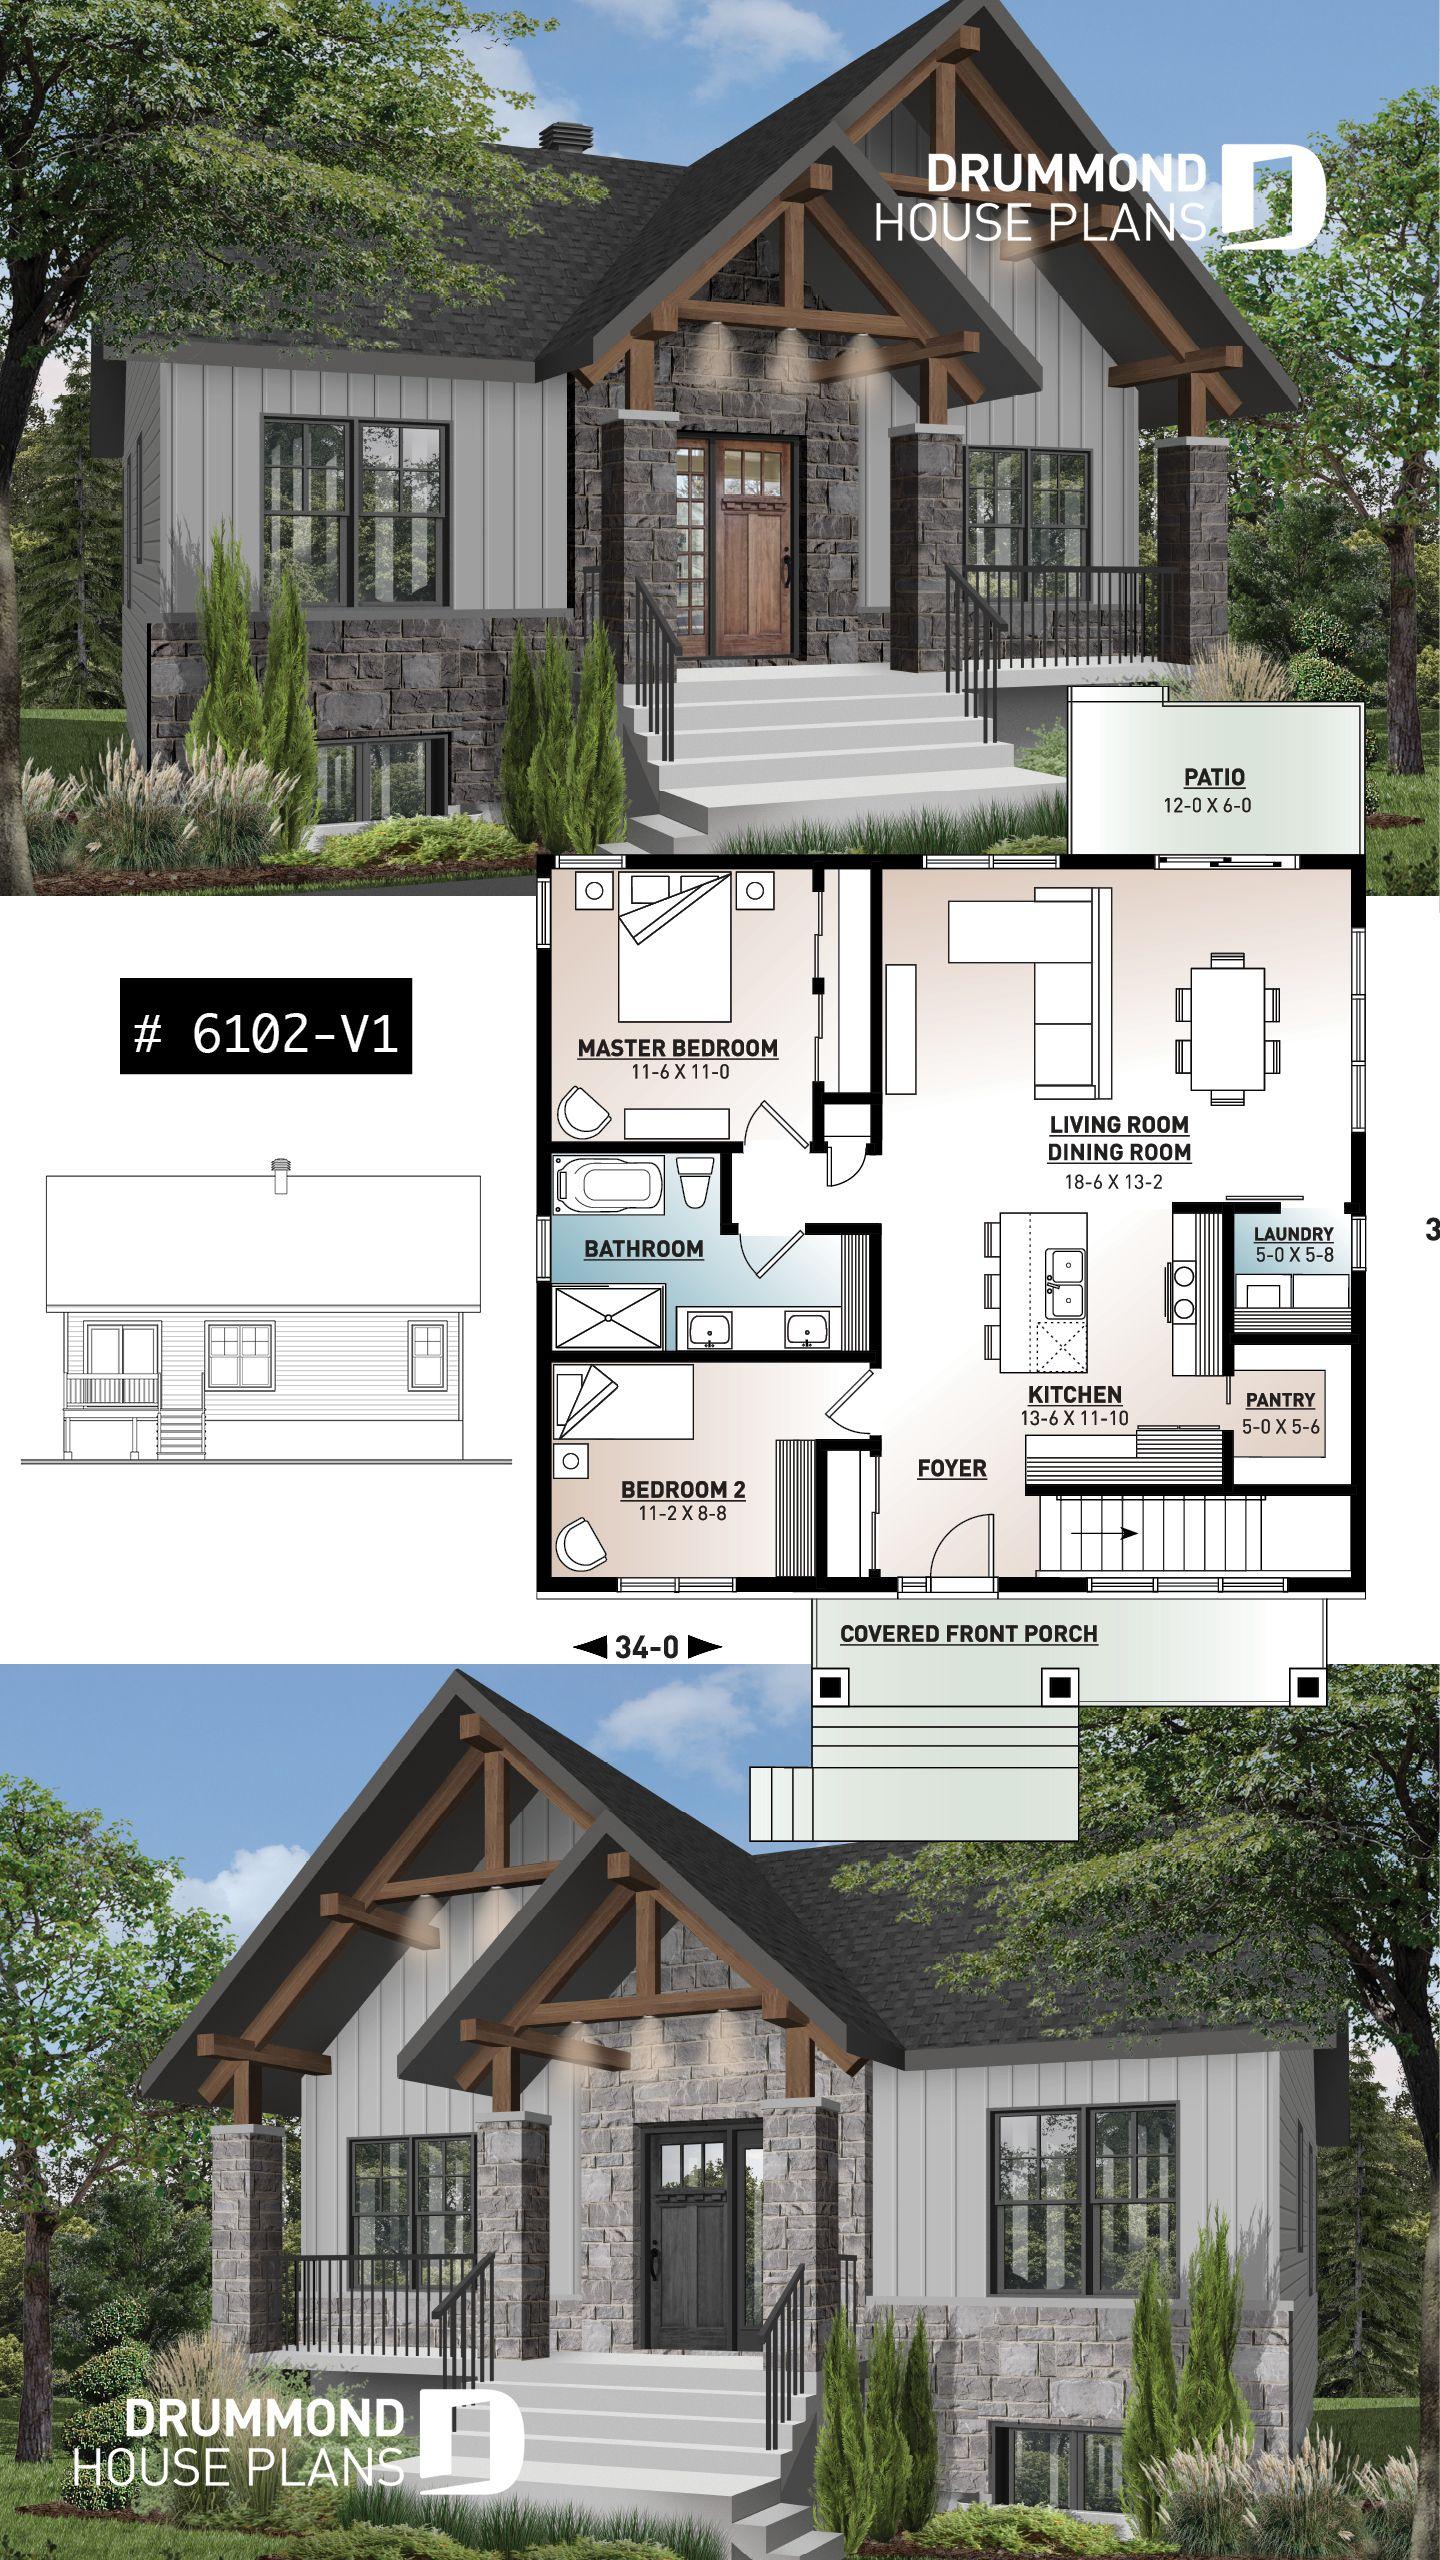 Plan petite maison 2 chambres abordable aire ouverte grande cuisine avec îlot et